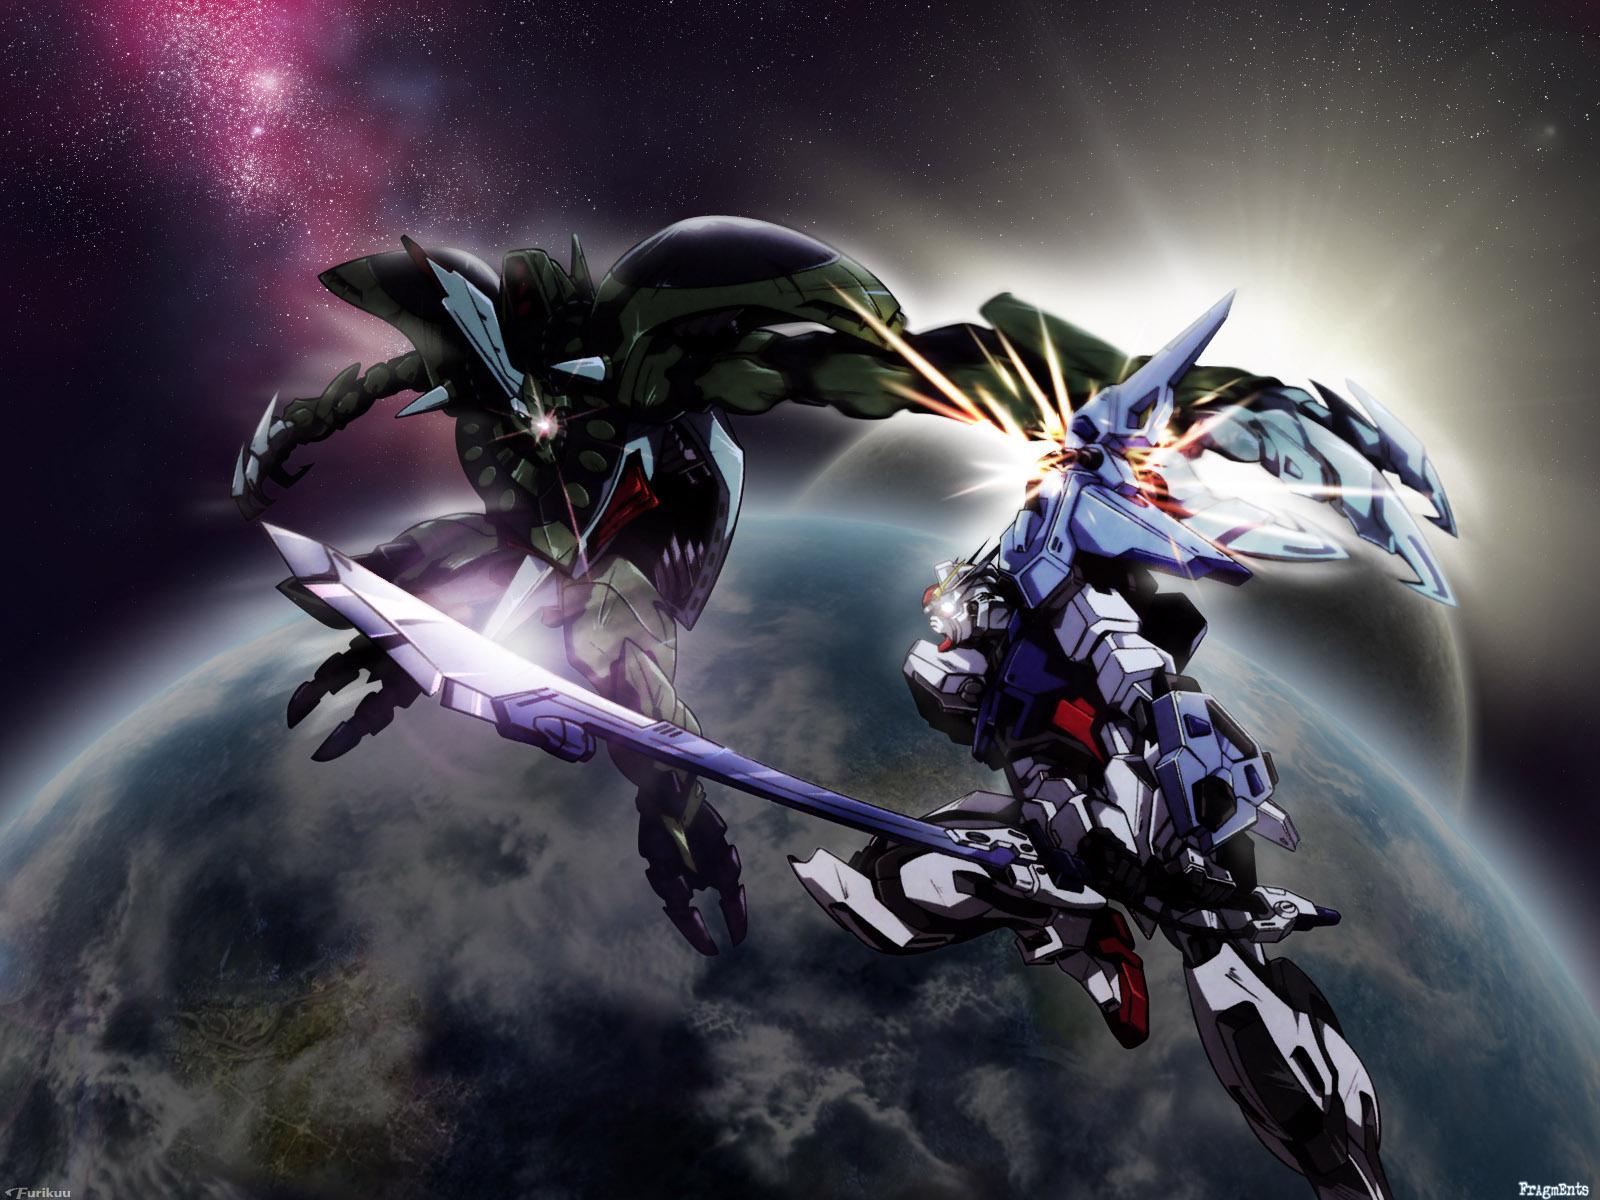 Gundam Seed Wallpaper HD wallpapers   Gundam Seed Wallpaper 1600x1200